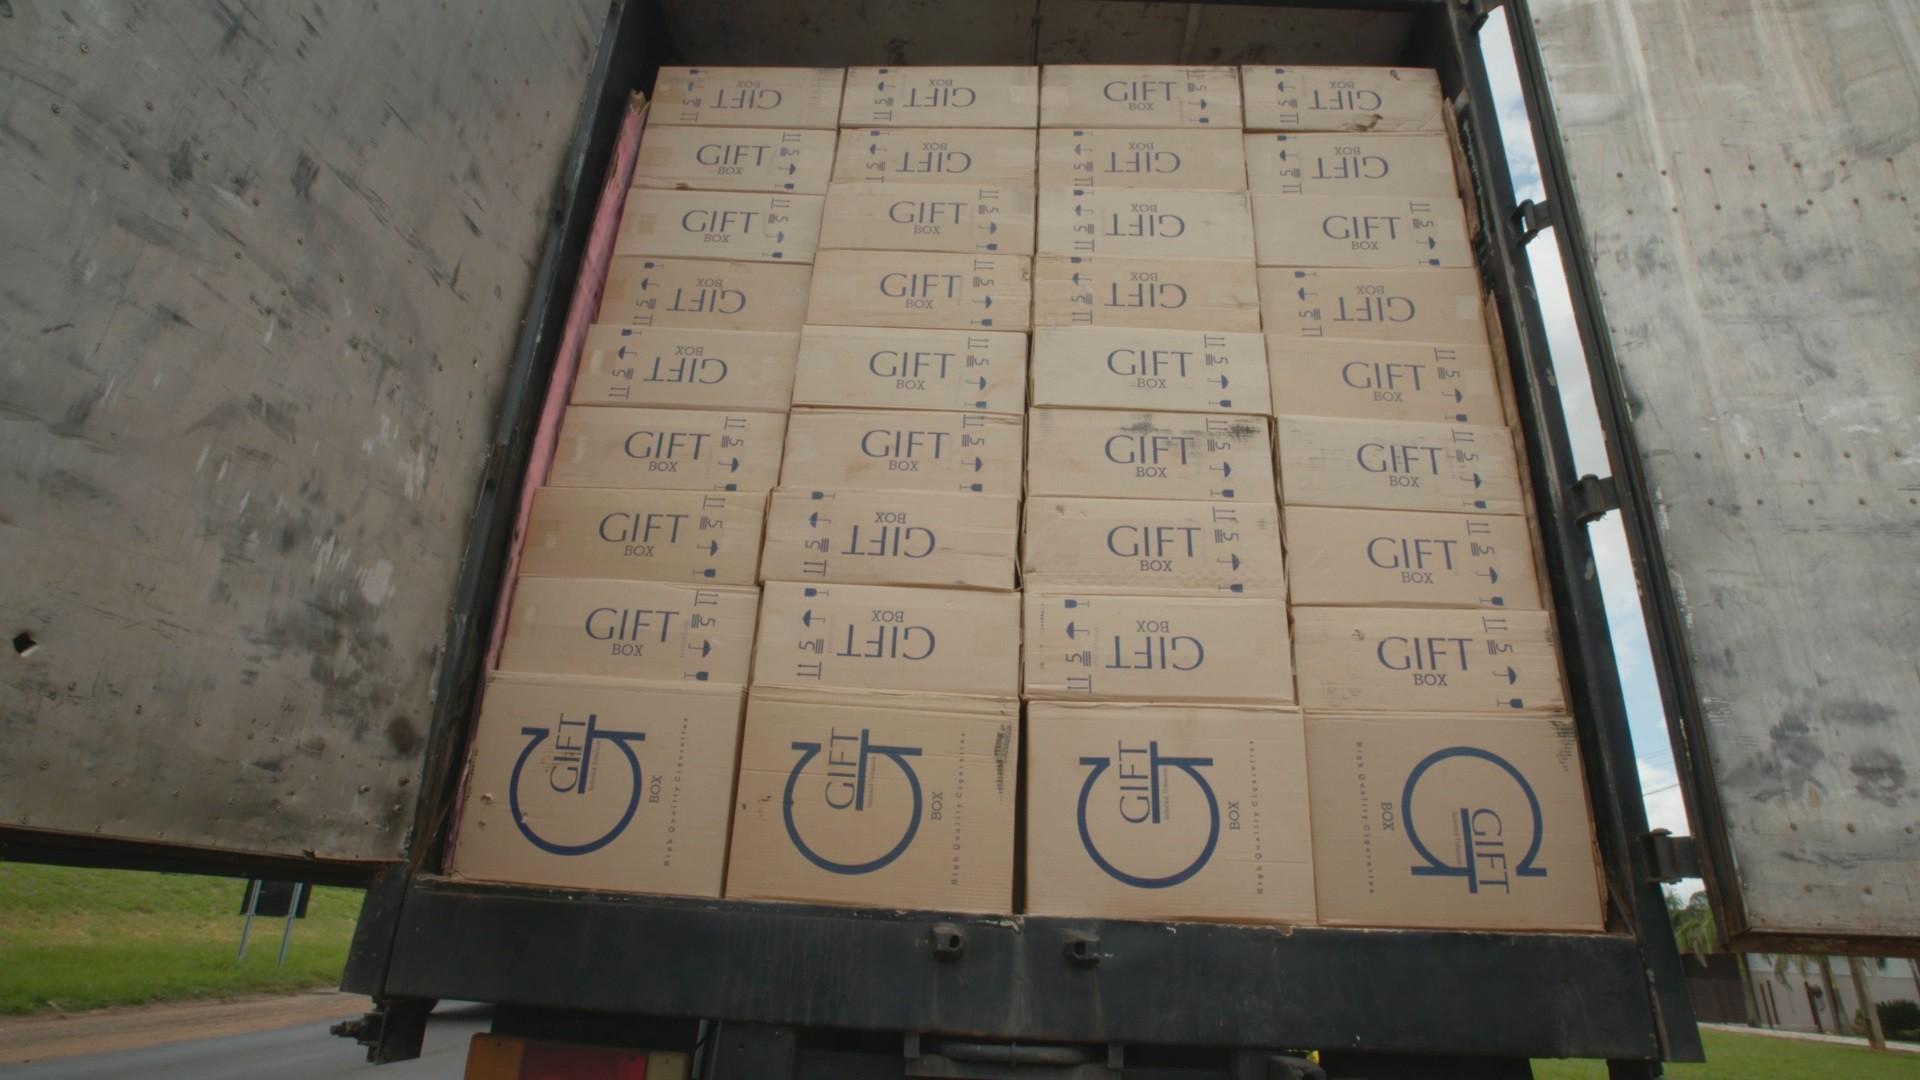 Caminhão apreendido com centenas de caixas de cigarro ilegal da Gift, vindas do Paraguai (Foto: Reprodução)